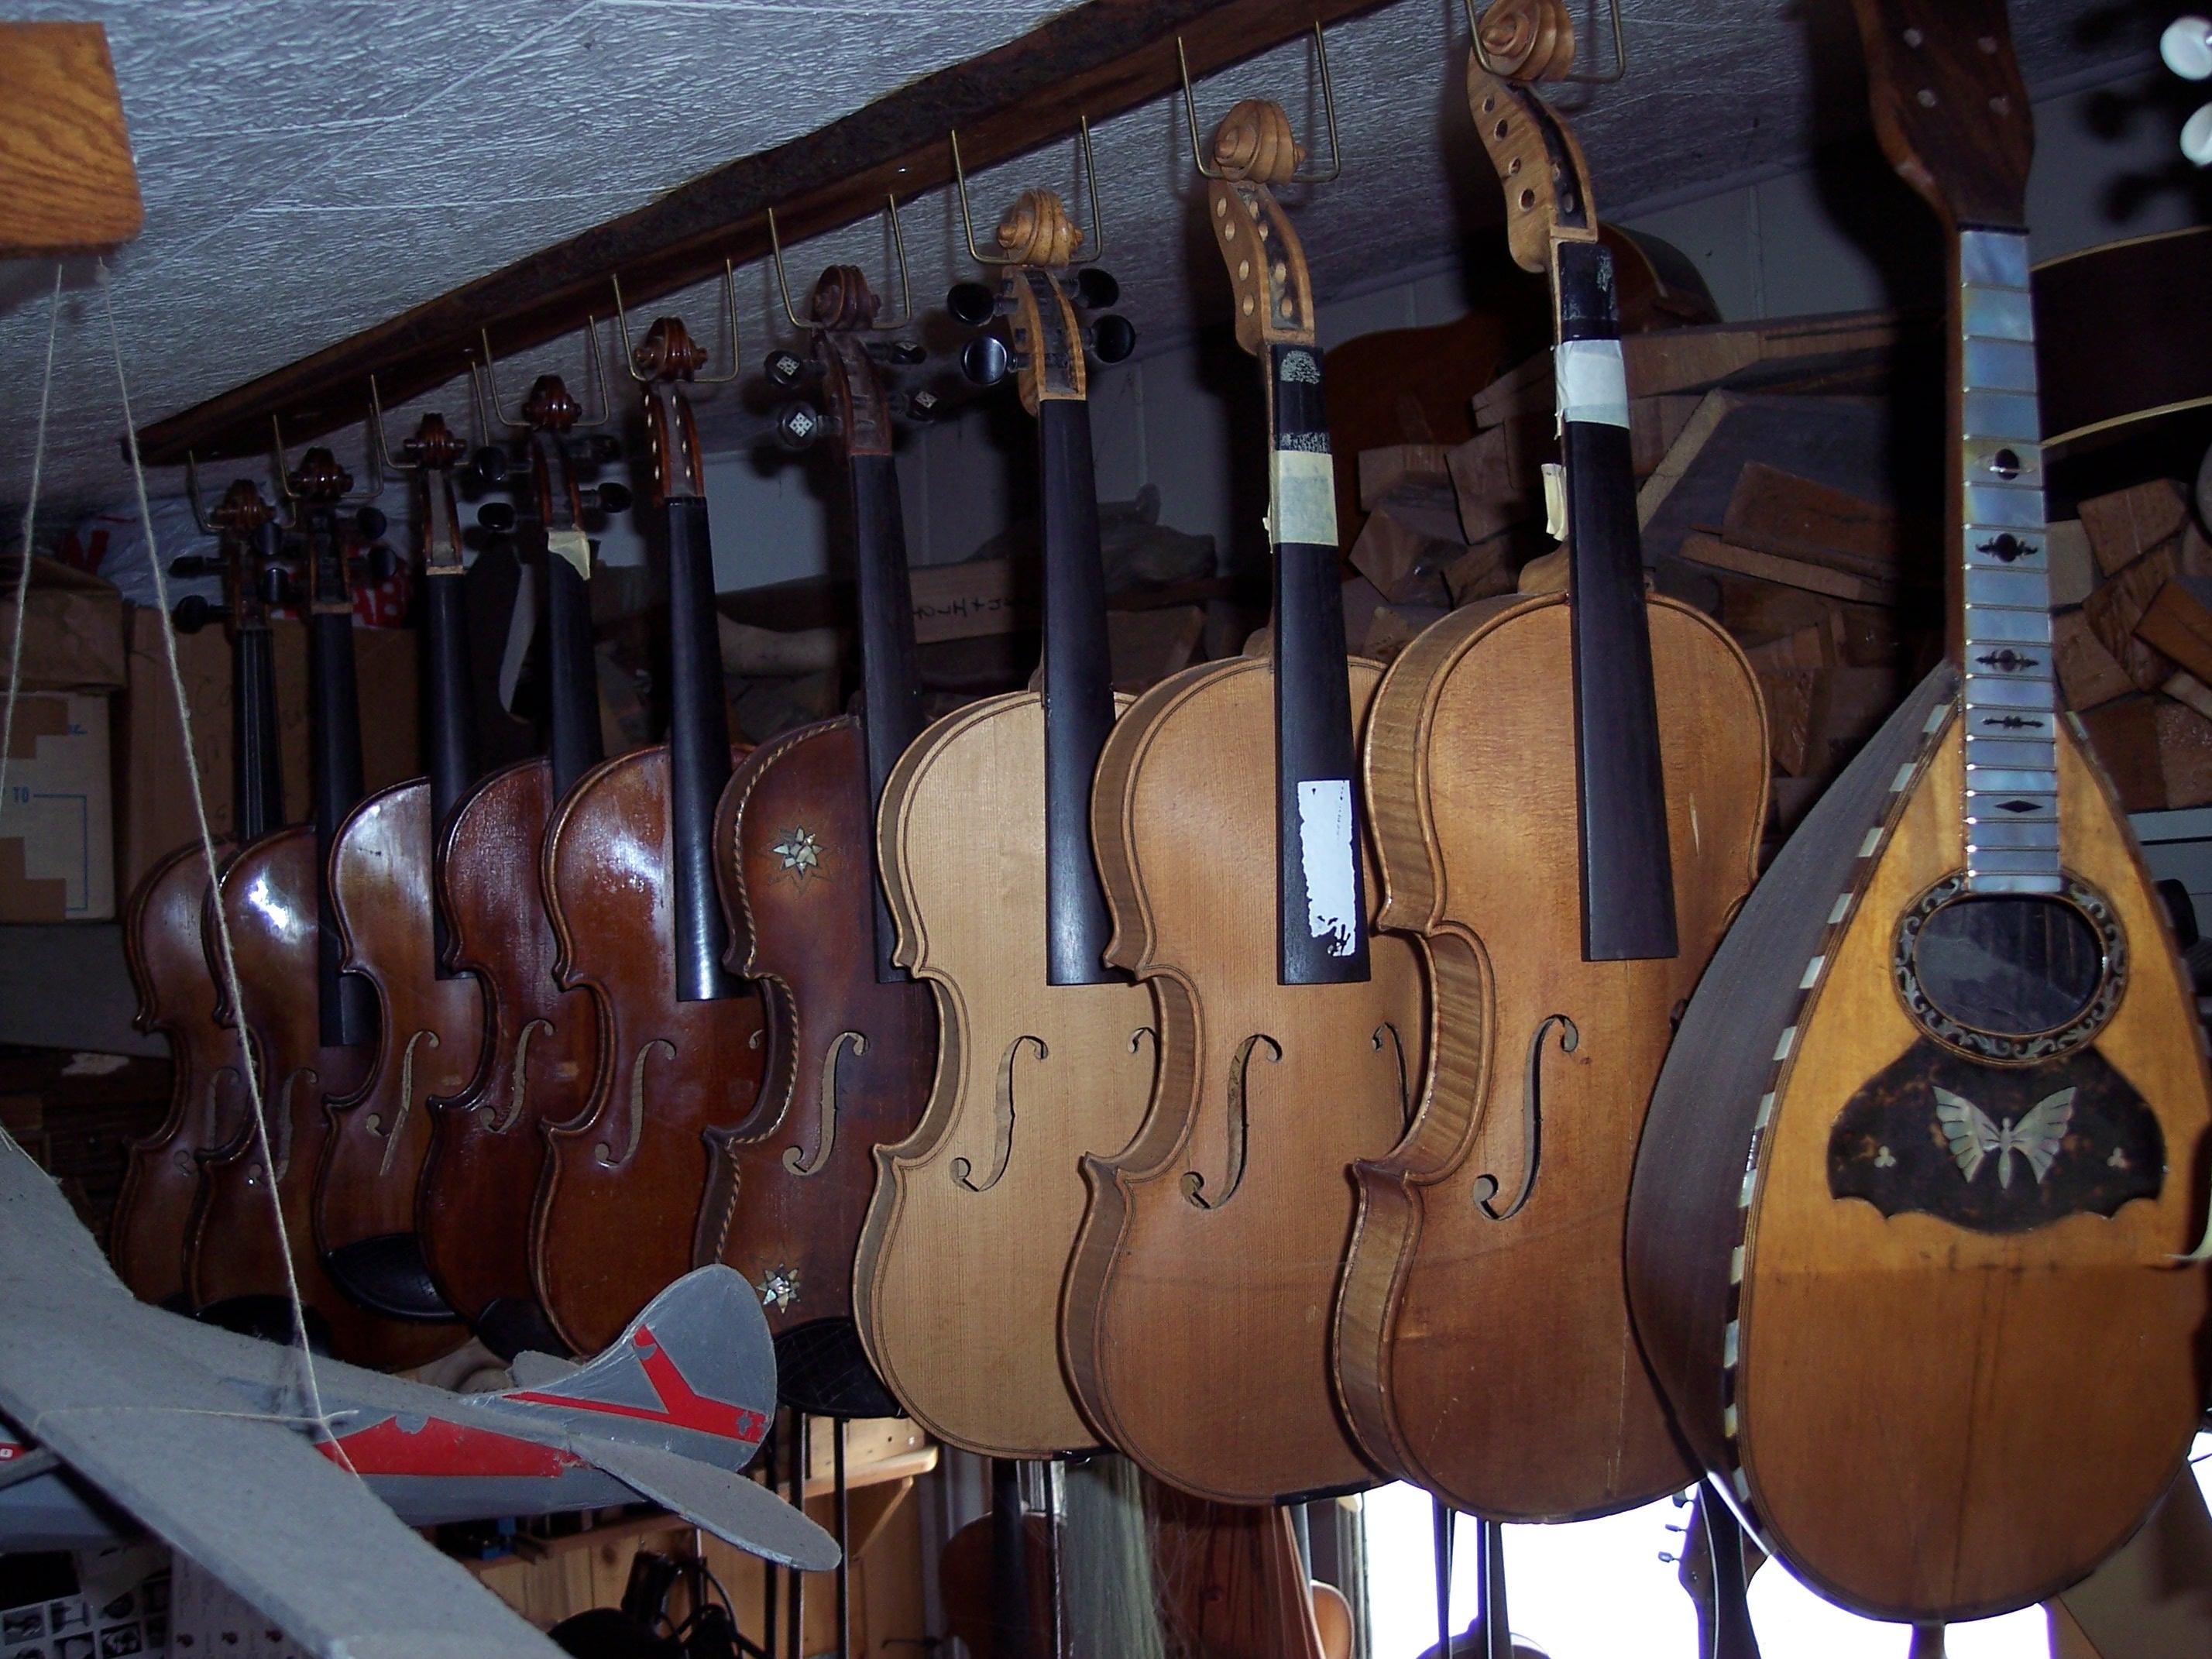 violinshop.JPG